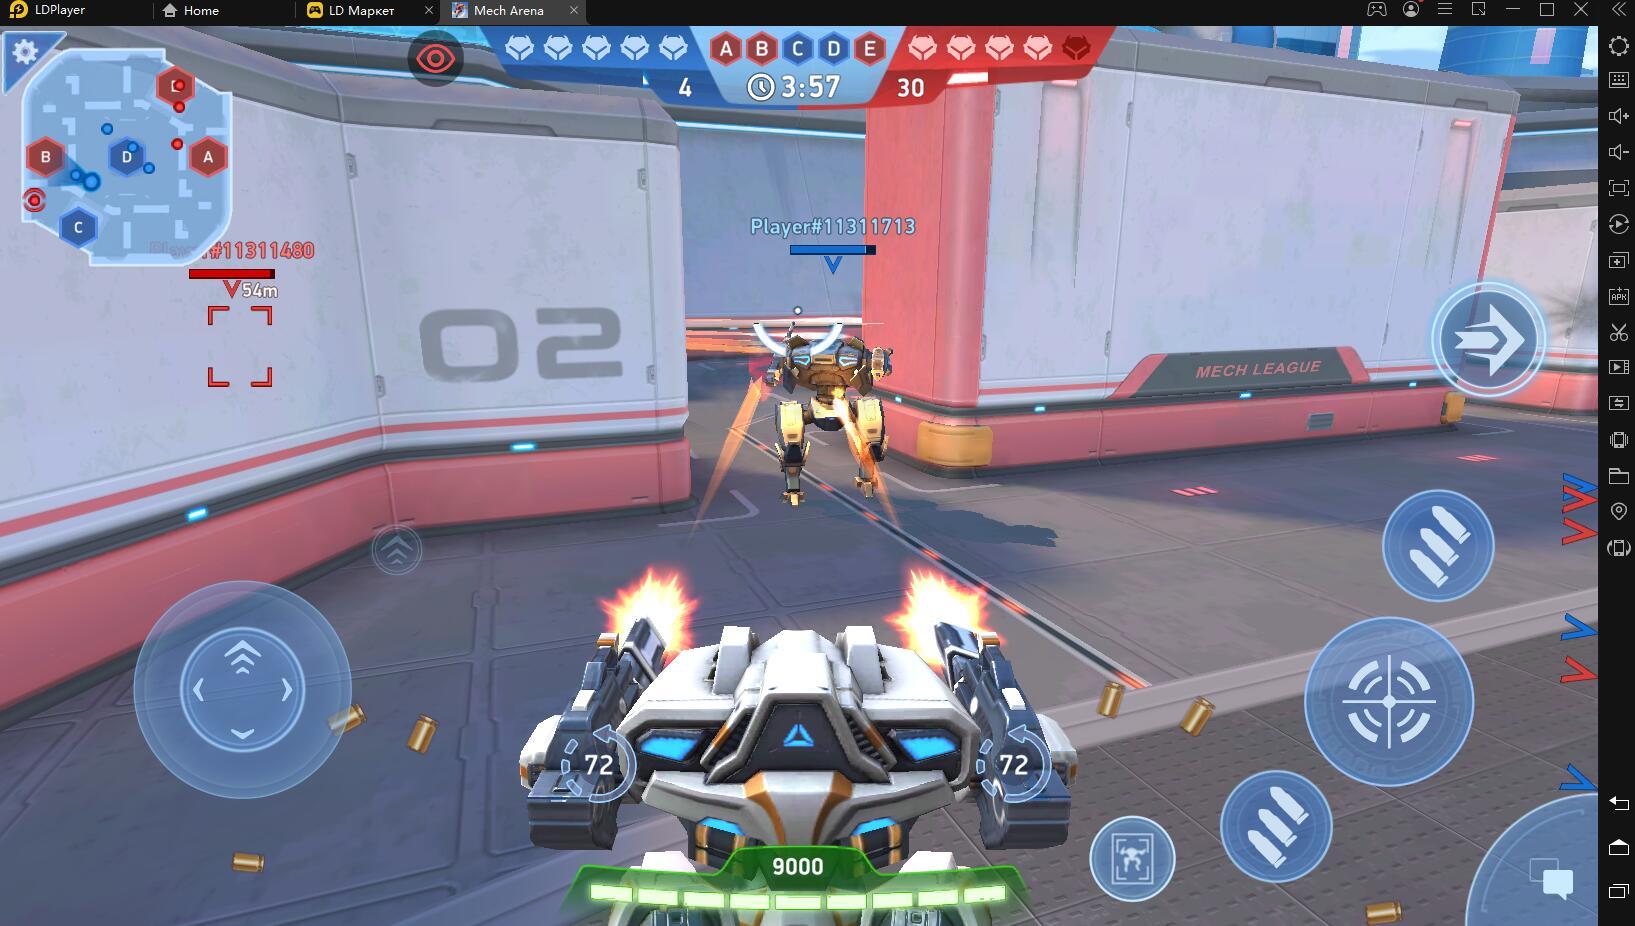 Играть в «Mech Arena: Robot Showdown» бесплатно на пк